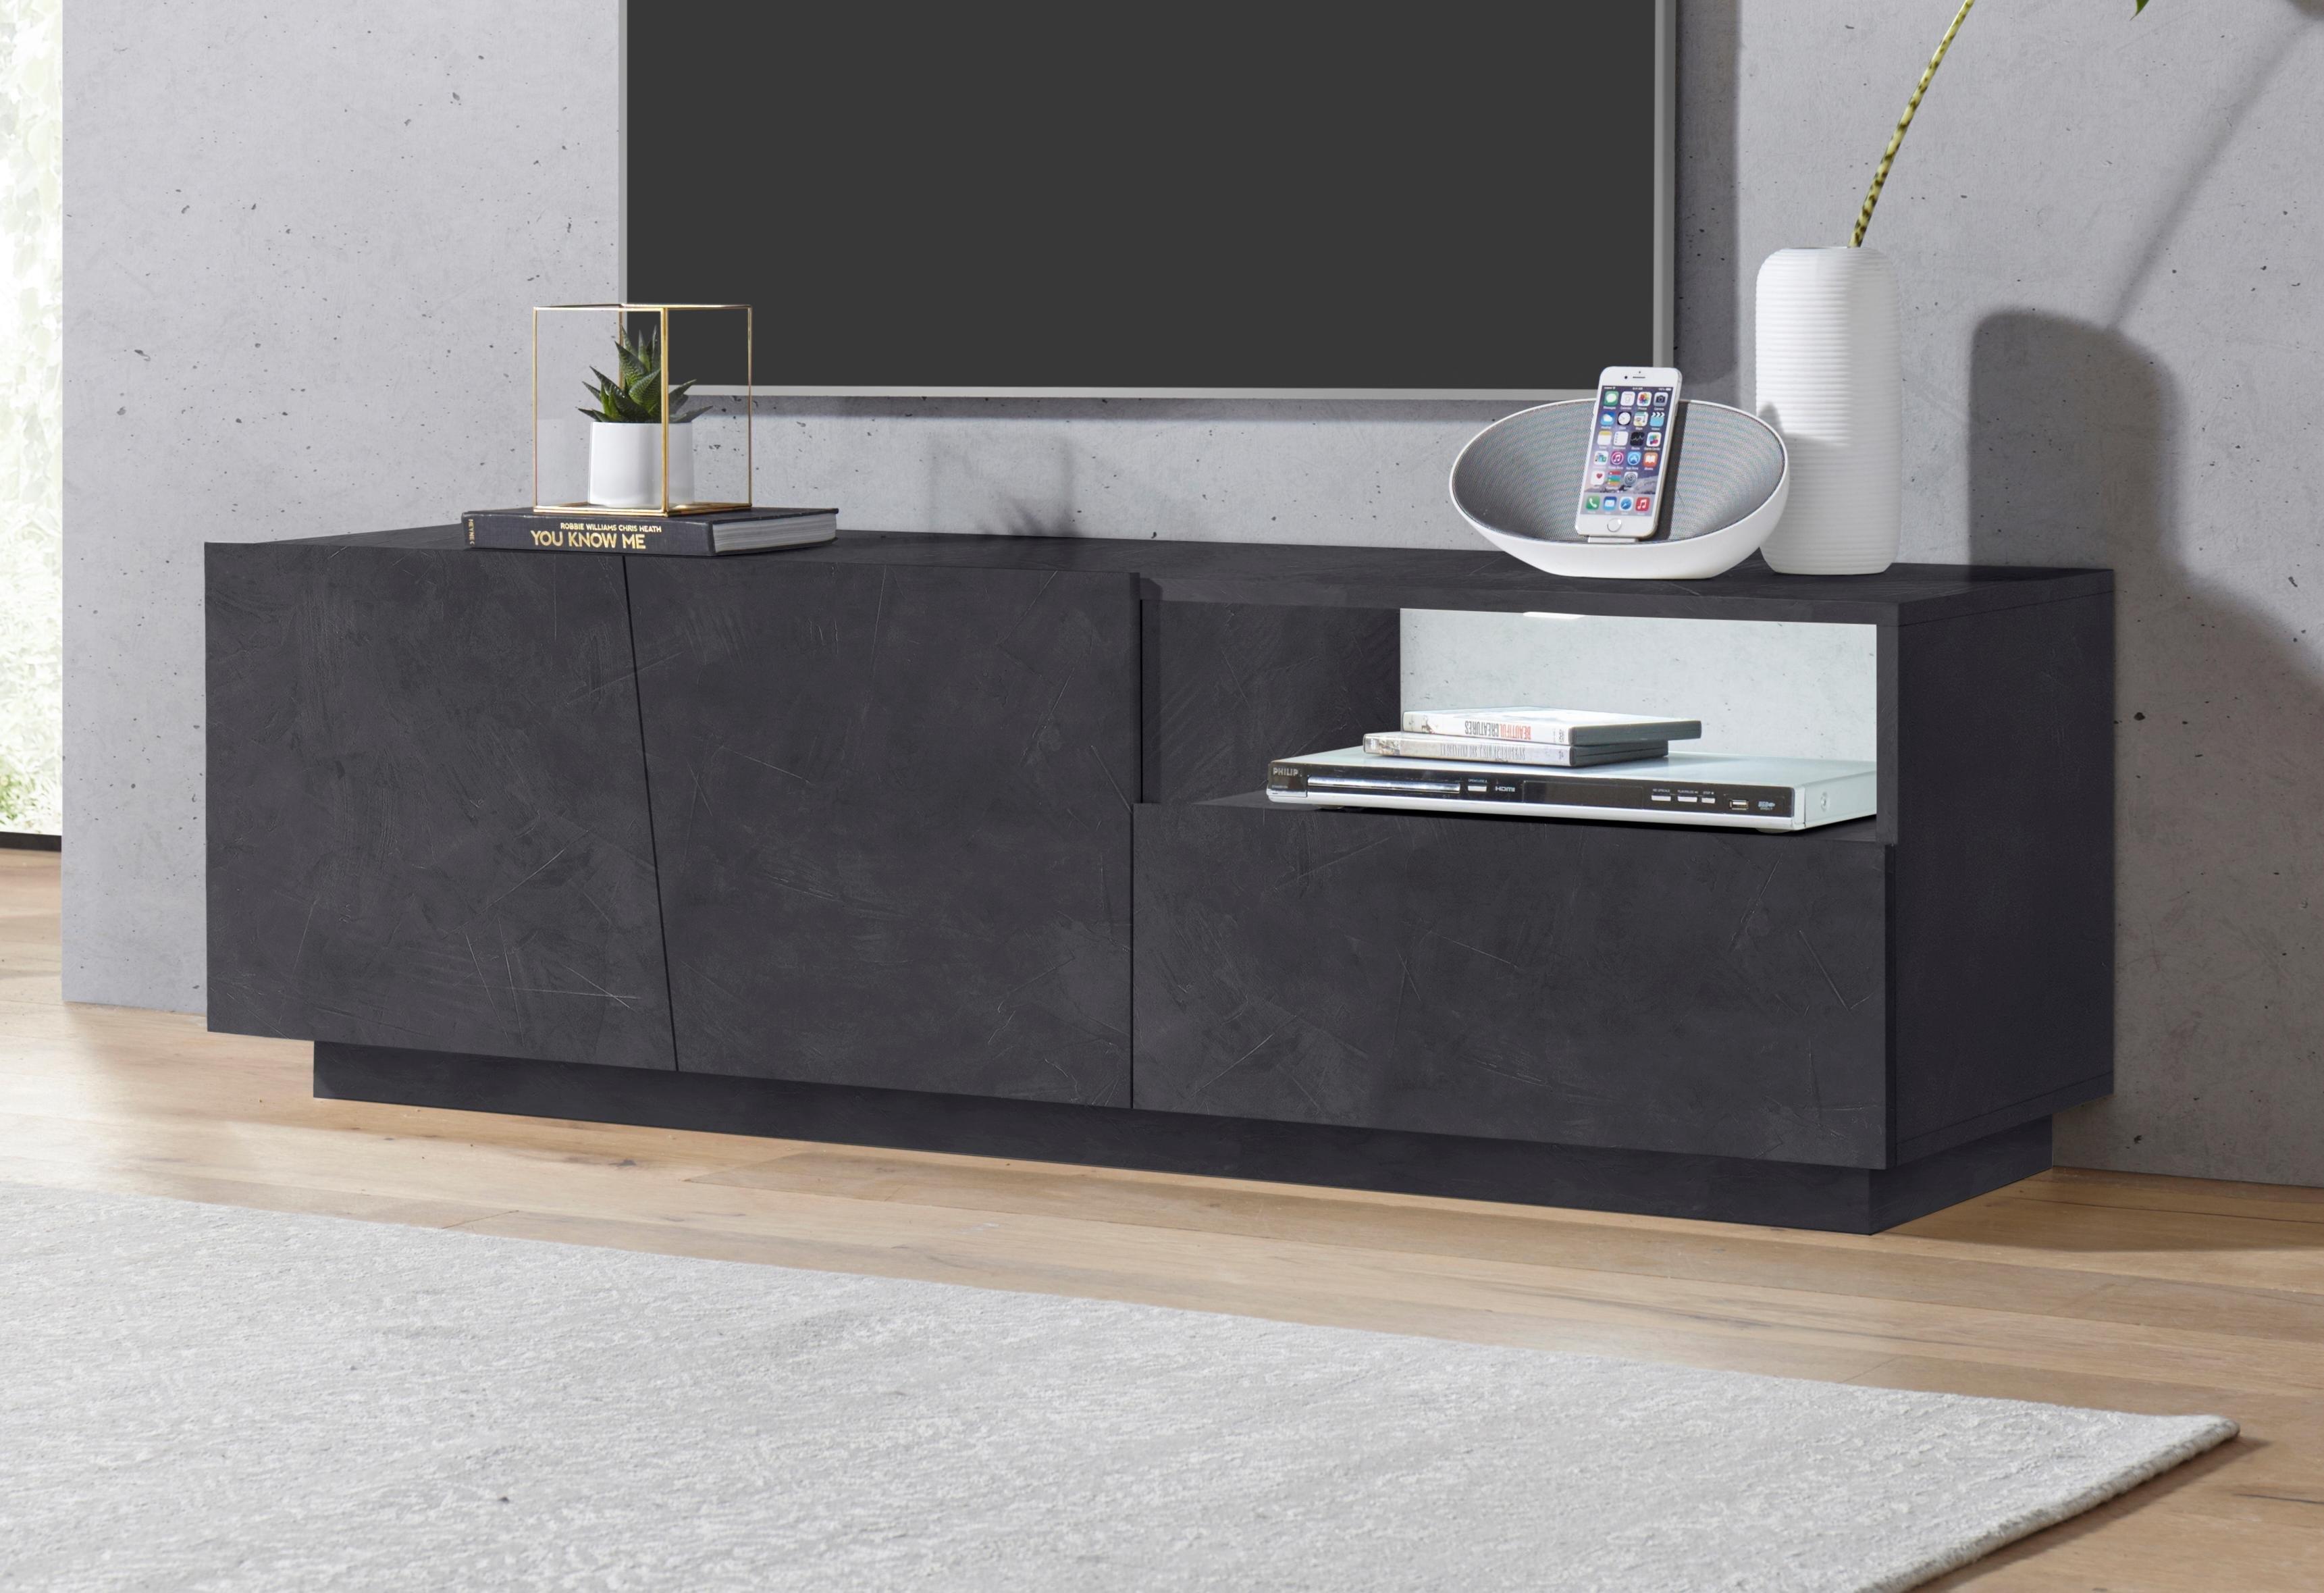 Tecnos tv-meubel »Vega« bestellen: 30 dagen bedenktijd